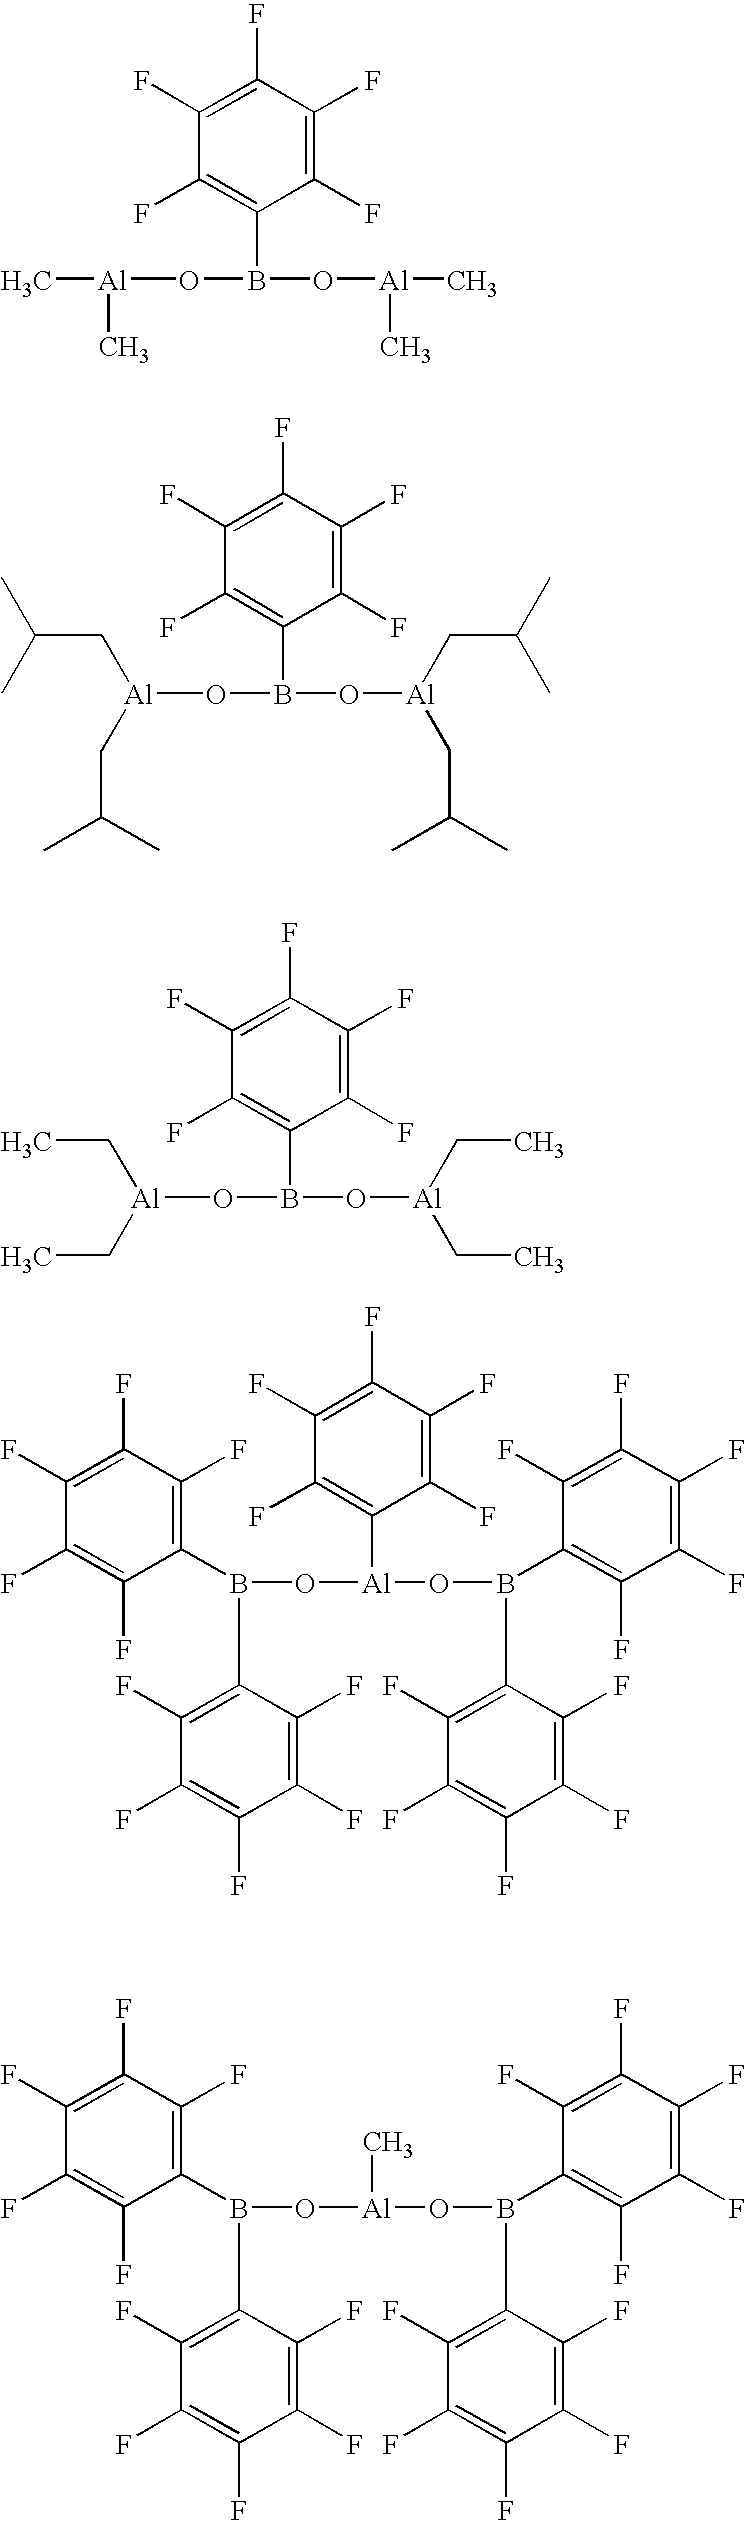 Figure US20060135352A1-20060622-C00031